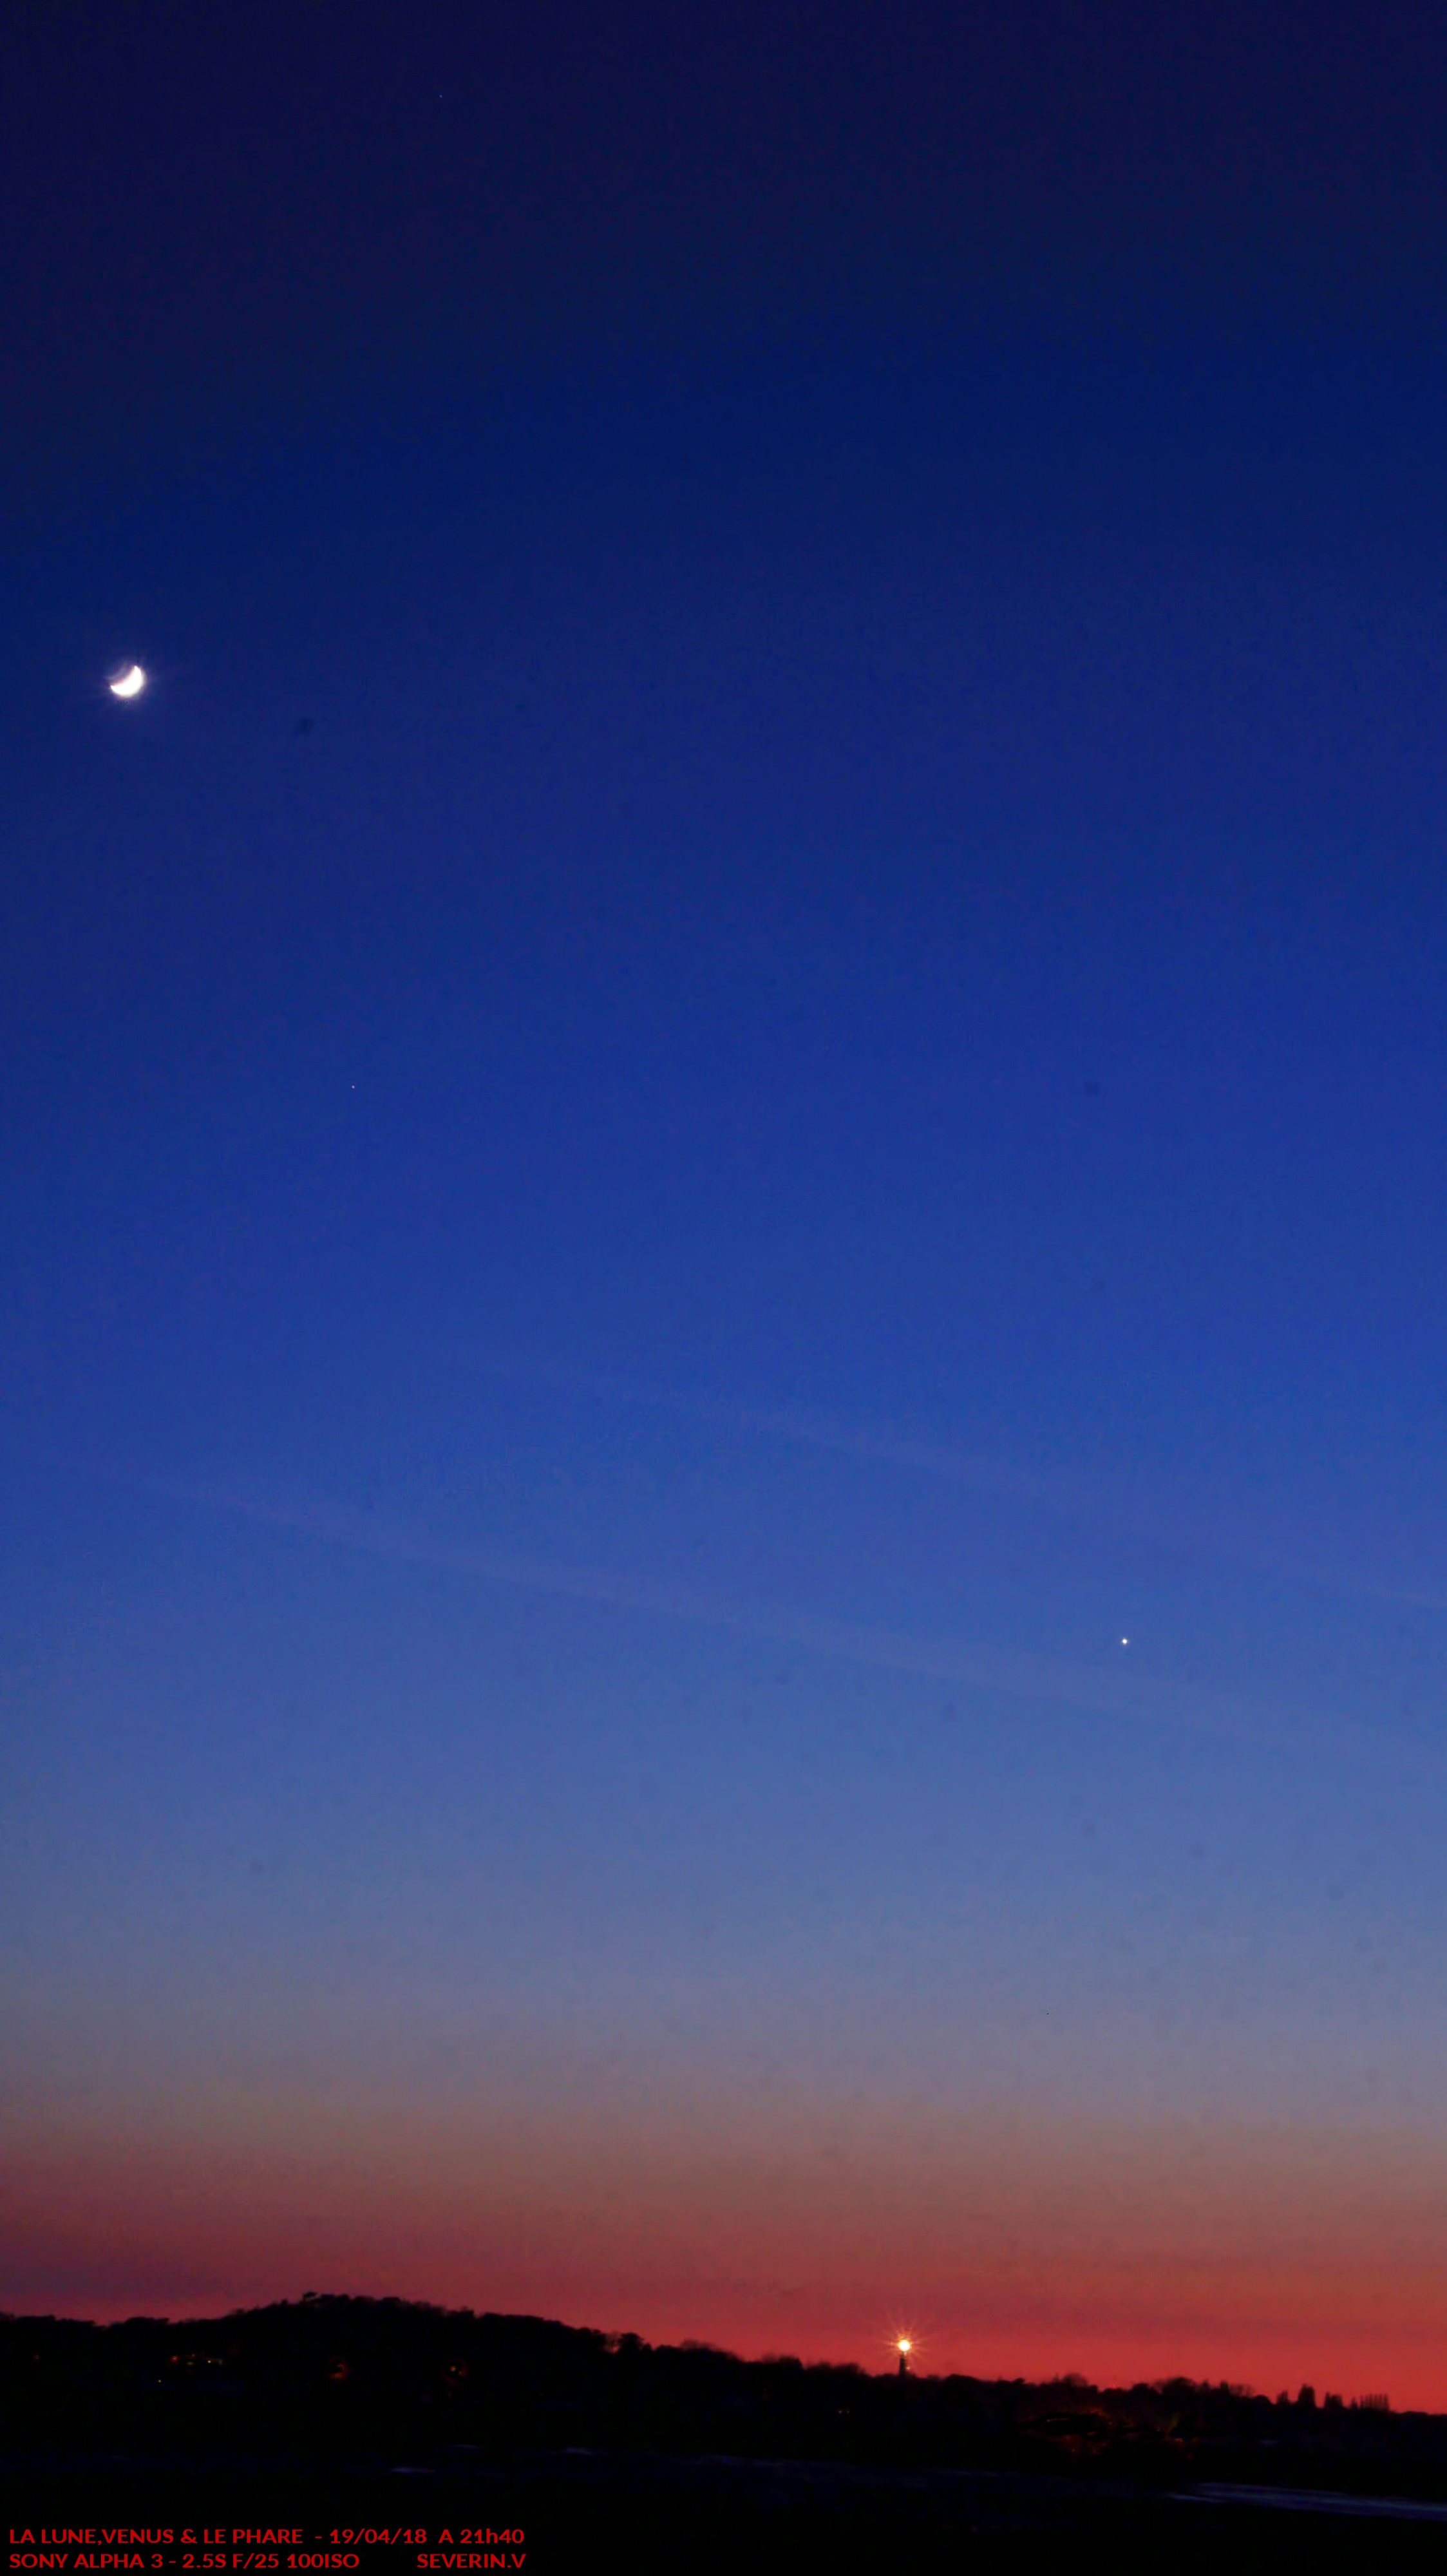 La Lune, Vénus & le phare.jpg